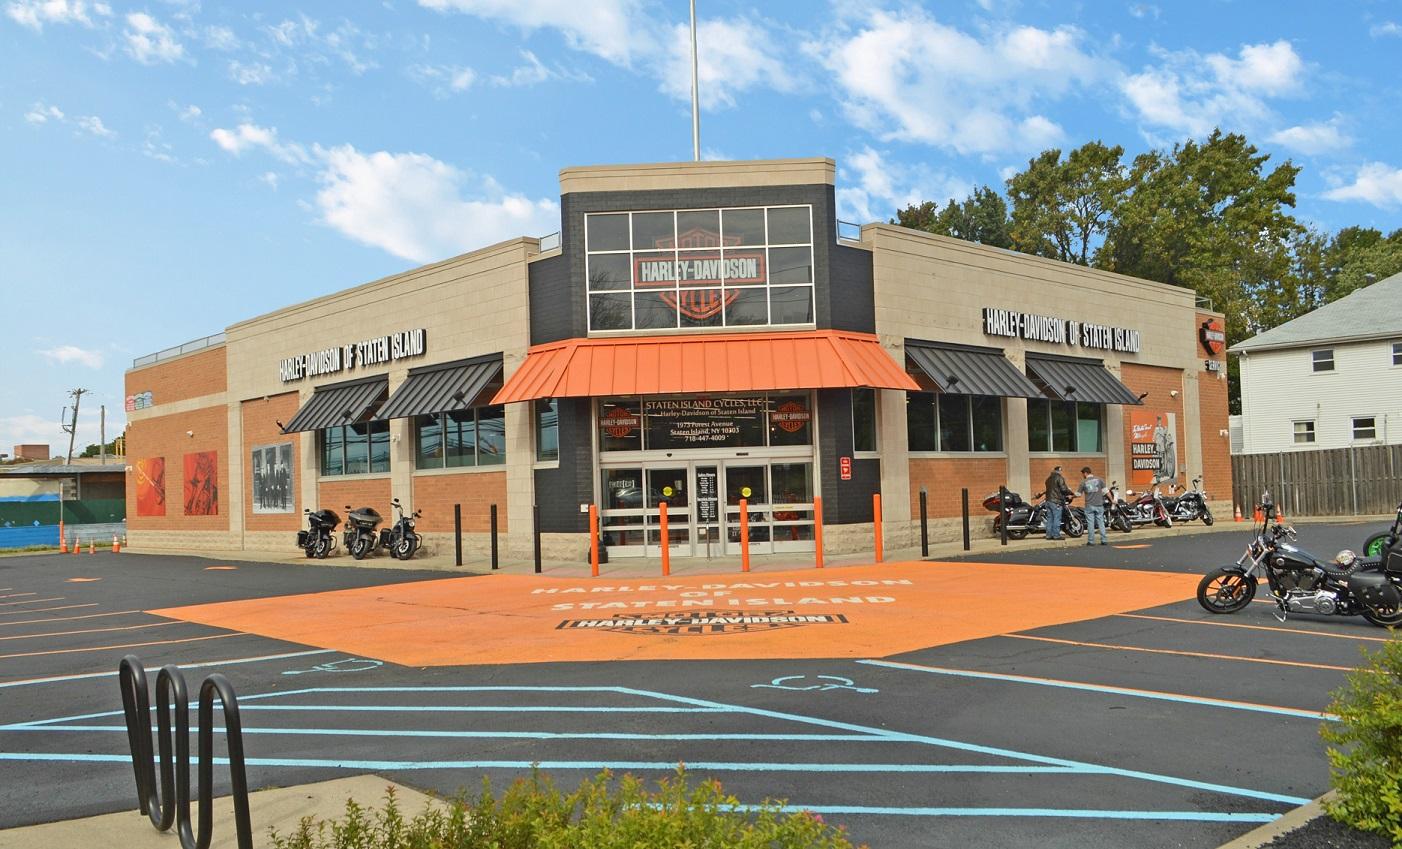 The Boulder Group Arranges Sale of New York Net Leased Harley-Davidson Property